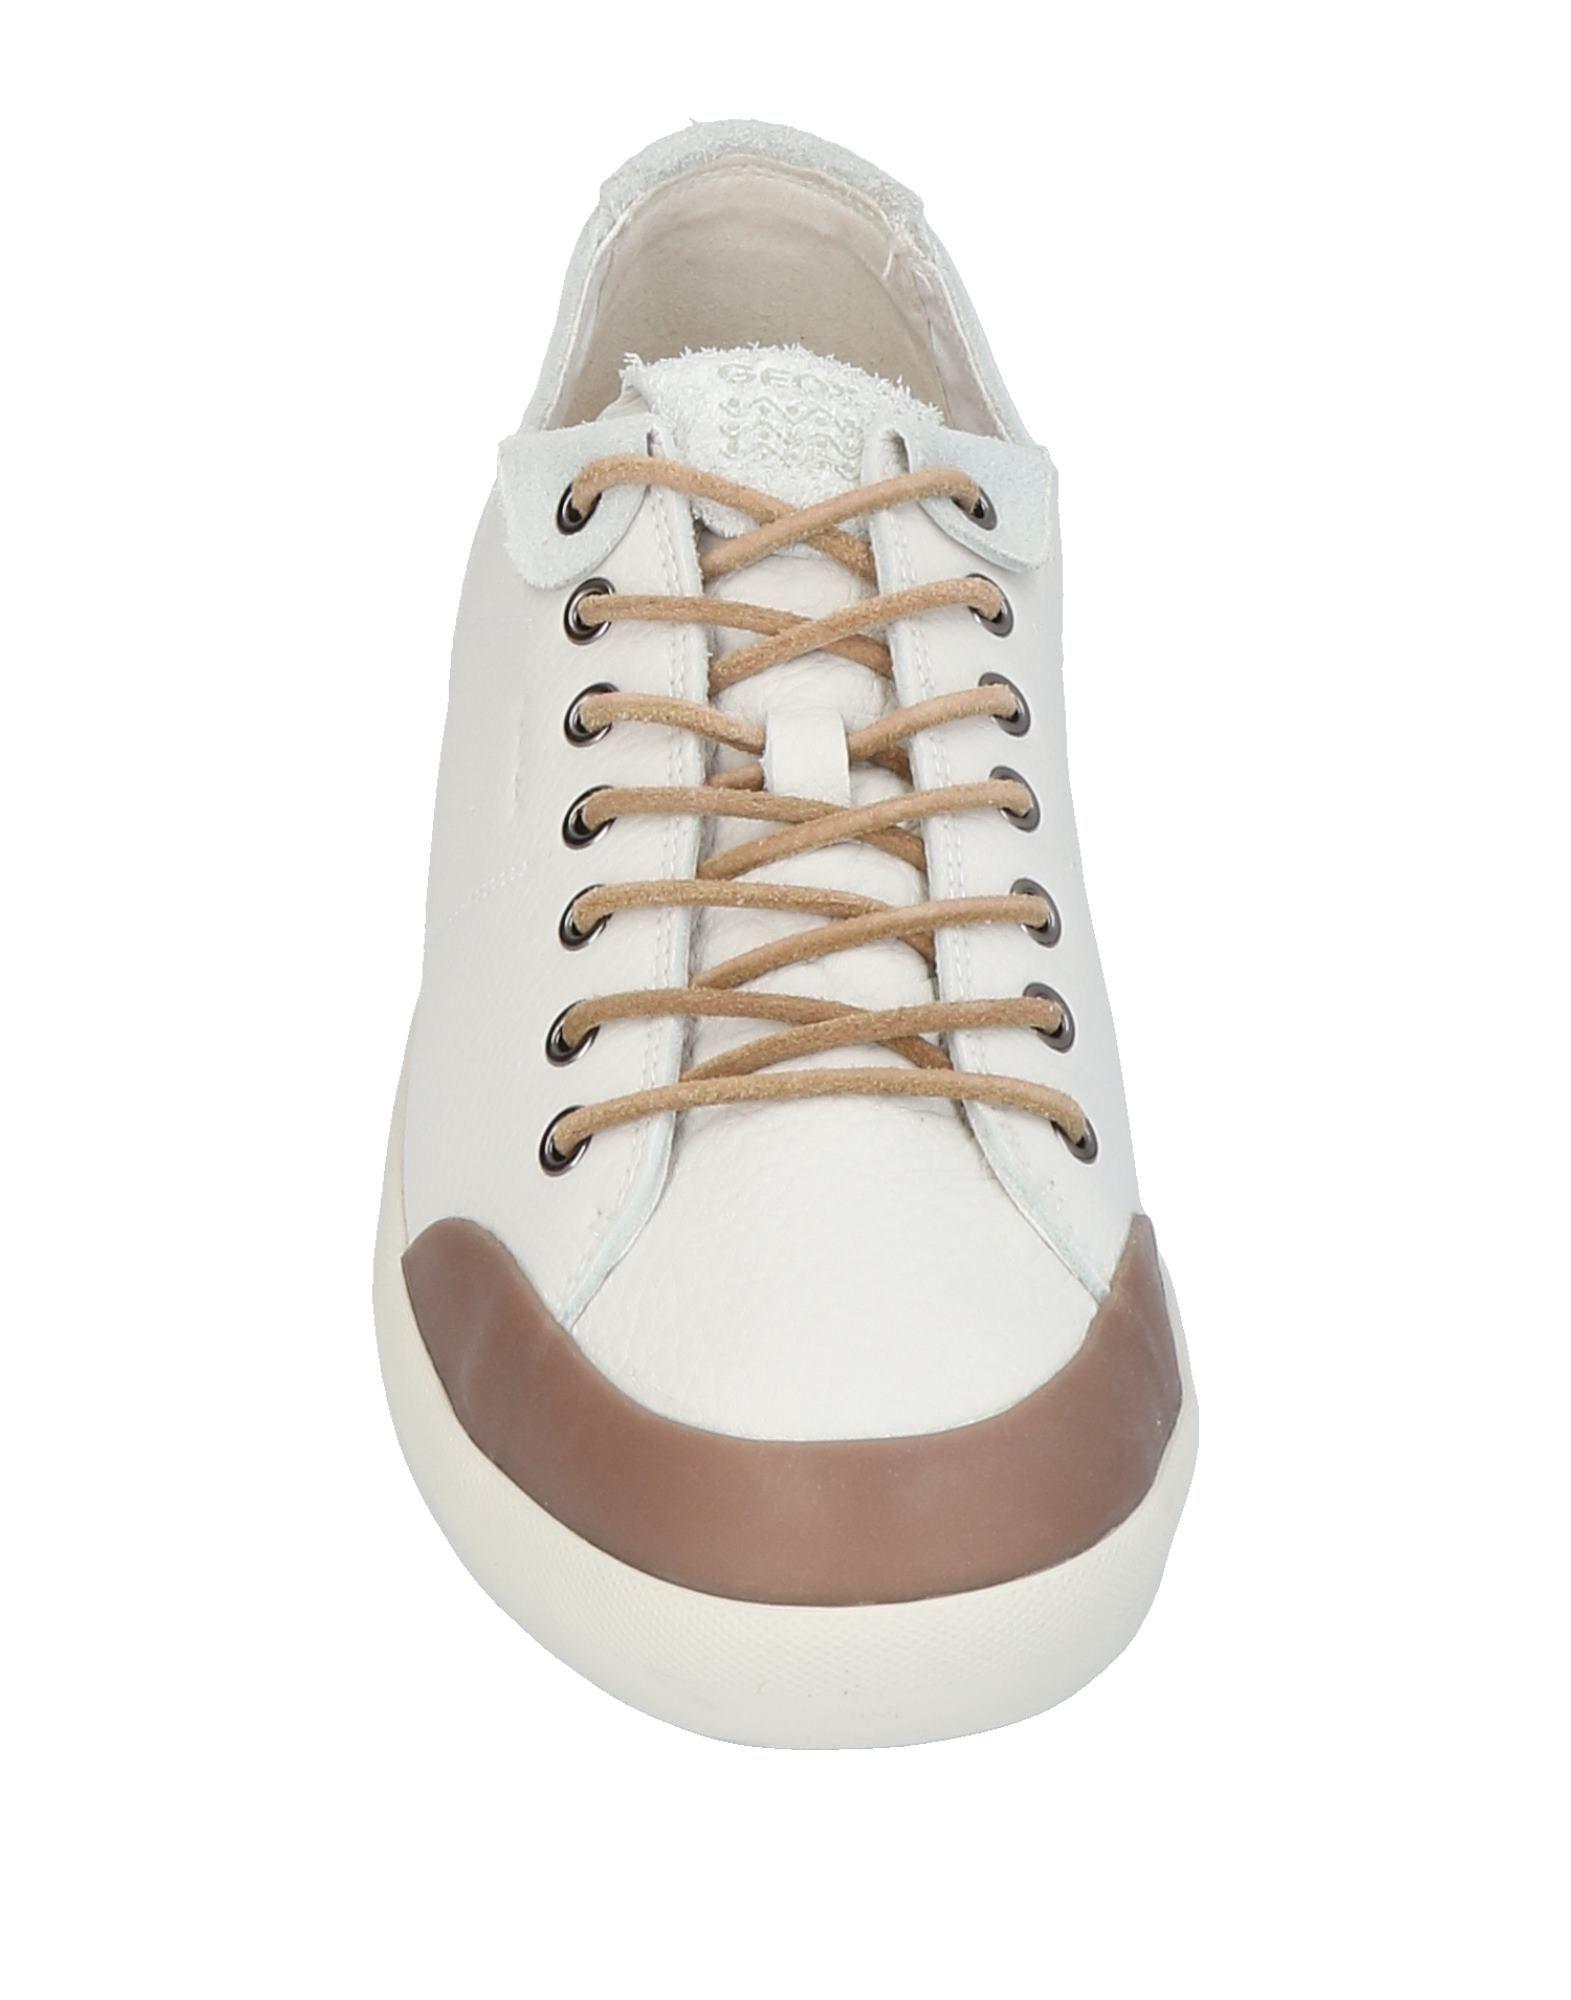 Geox Geox Geox Sneakers Herren Gutes Preis-Leistungs-Verhältnis, es lohnt sich d99a59